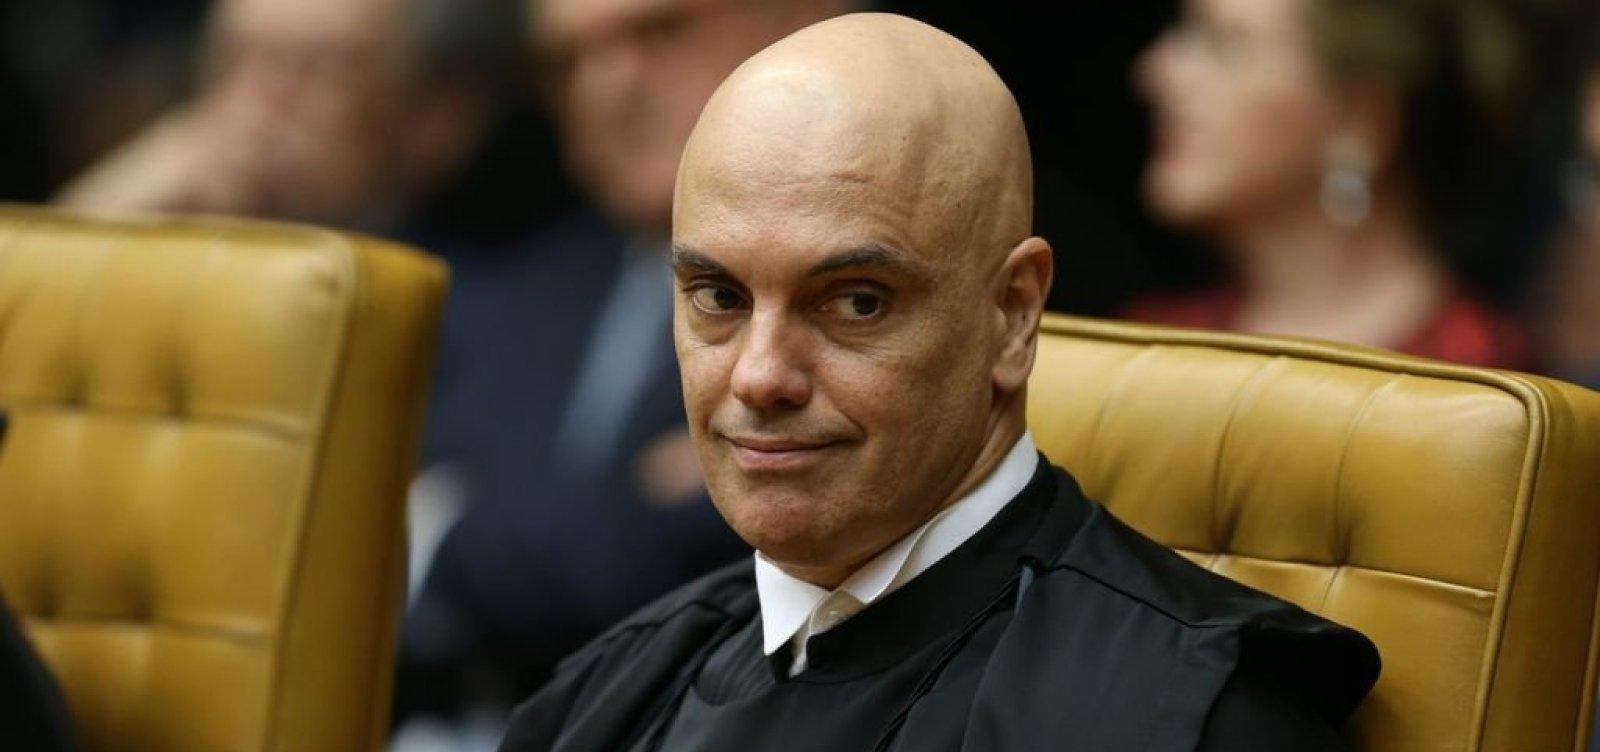 [Inquérito das Fake News: Moraes determina quebra de sigilo de 17 investigados]